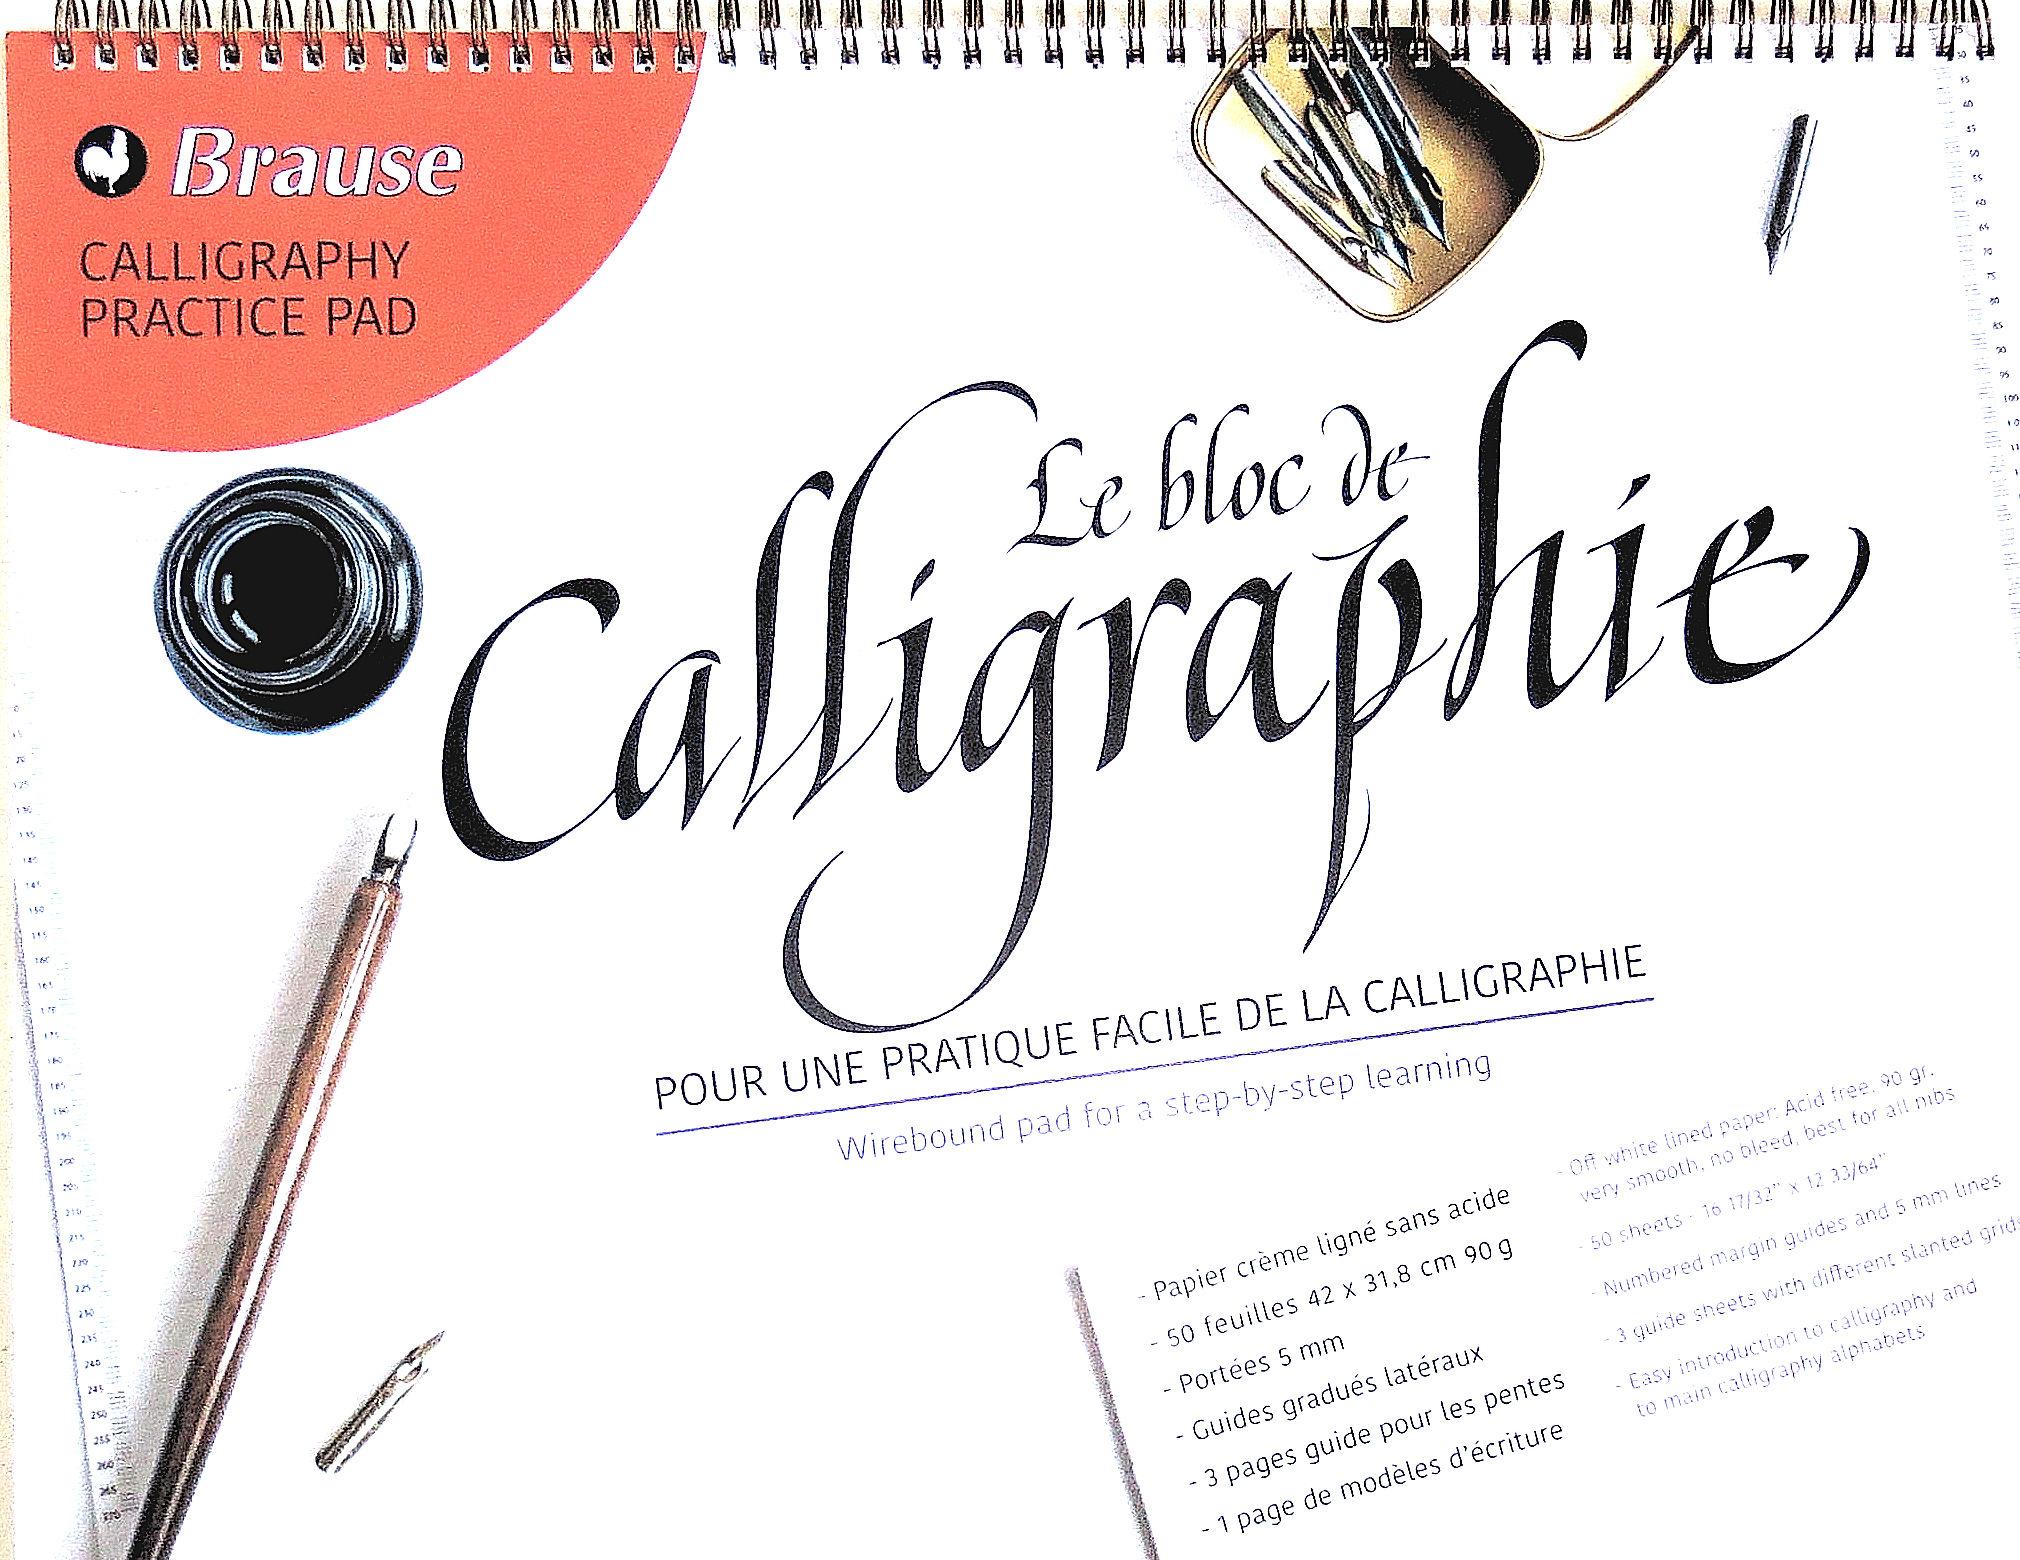 Méthodes de Calligraphie et d'Enluminure - Hiéroglyphes